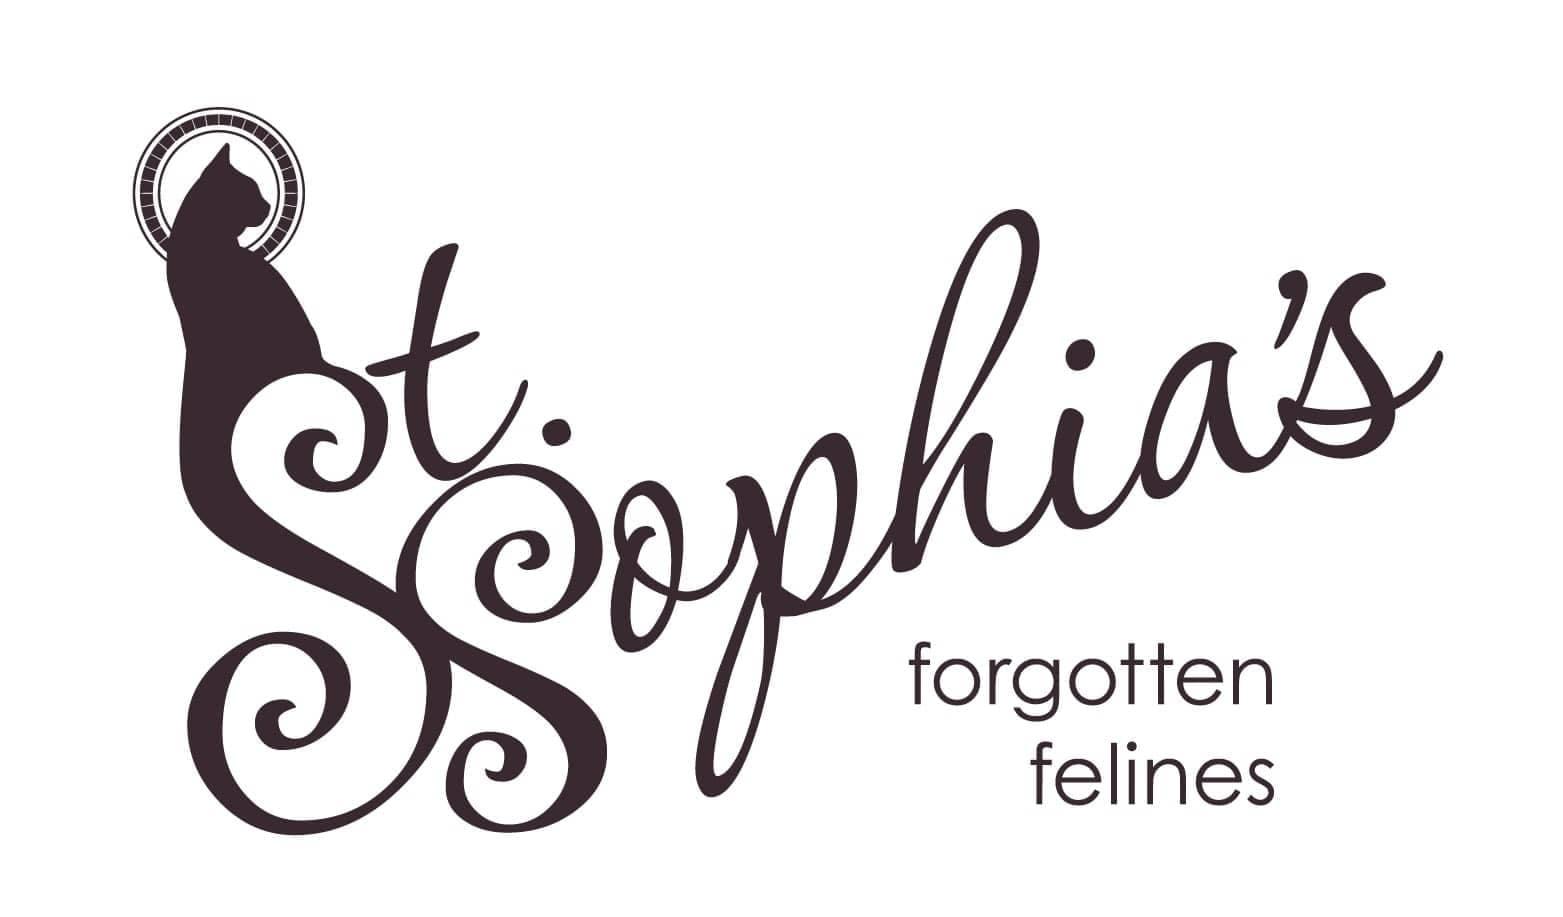 St. Sophia's Forgotten Felines